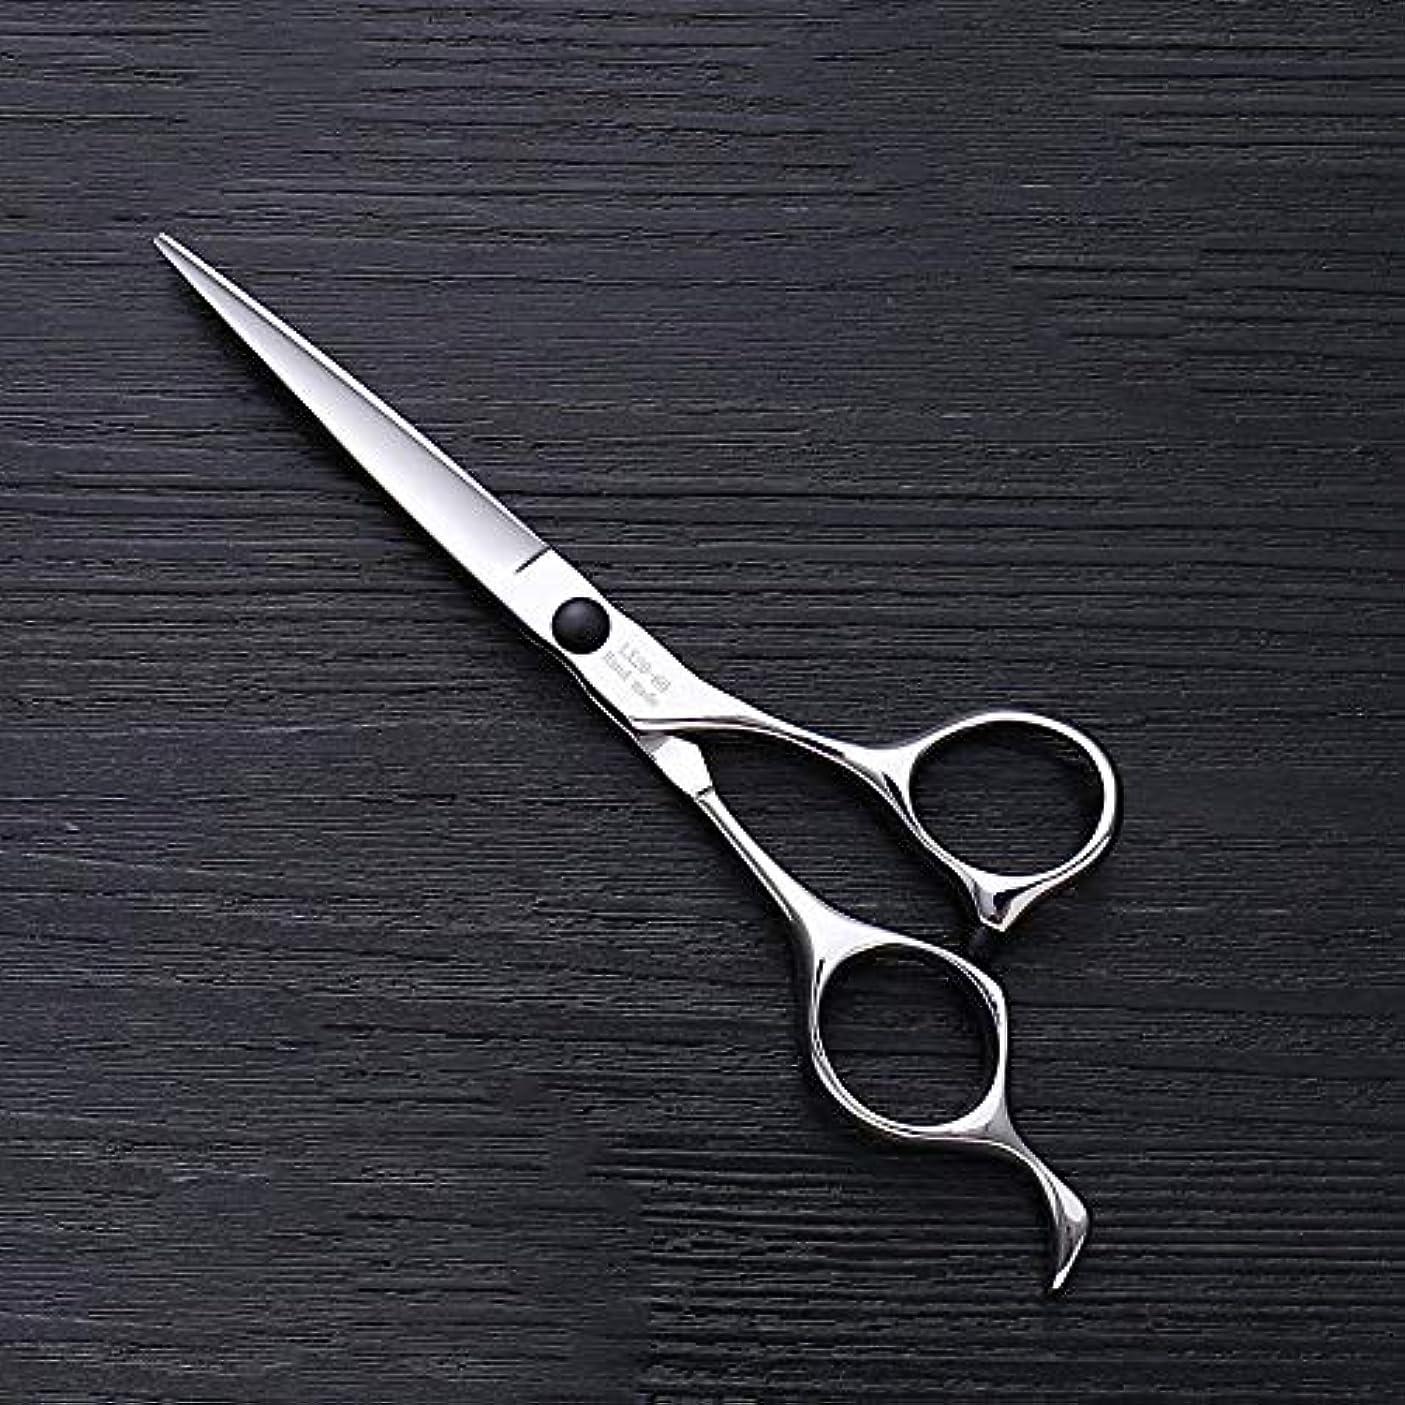 大胆不敵リテラシーパーク理髪用はさみ 6インチハイエンドステンレススチールバリカン、ヘアスタイリスト特別なヘアカットツールヘアカット鋏ステンレス理髪はさみ (色 : Silver)